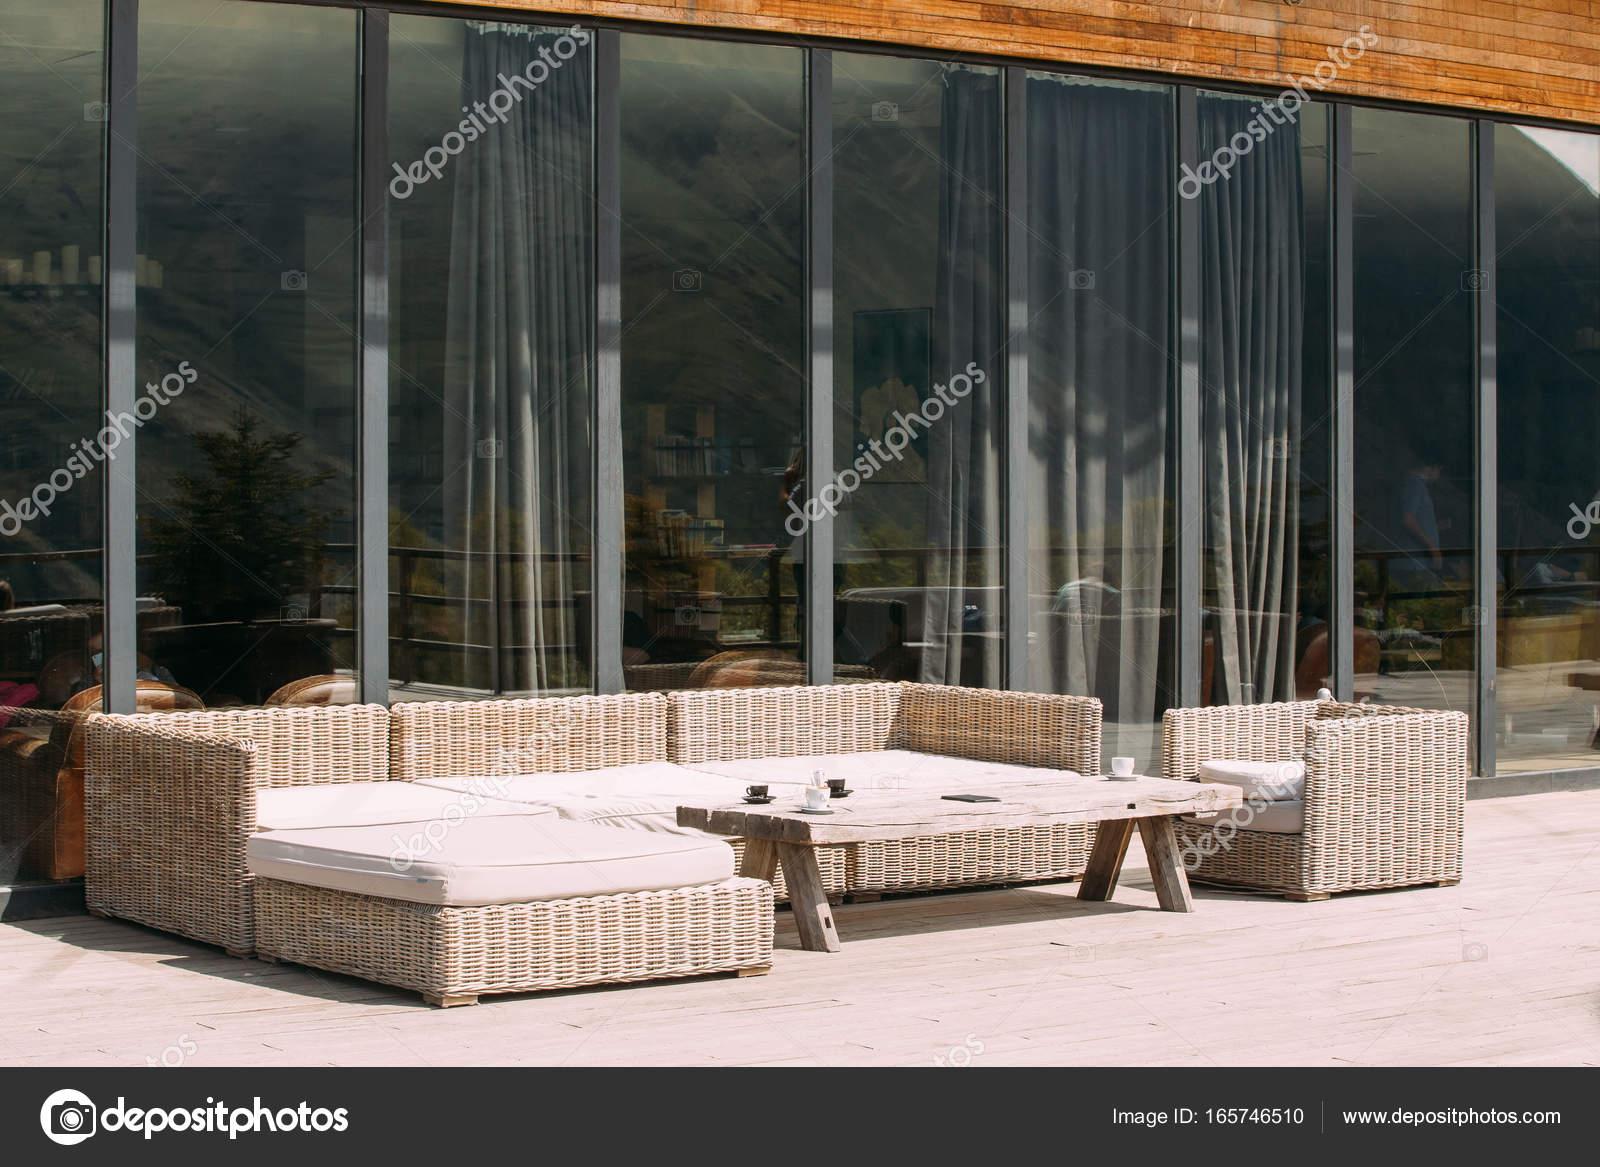 Rieten Balkon Meubels : Rieten meubels op balkon op zonnige zomerdag. buitenkant met tabel